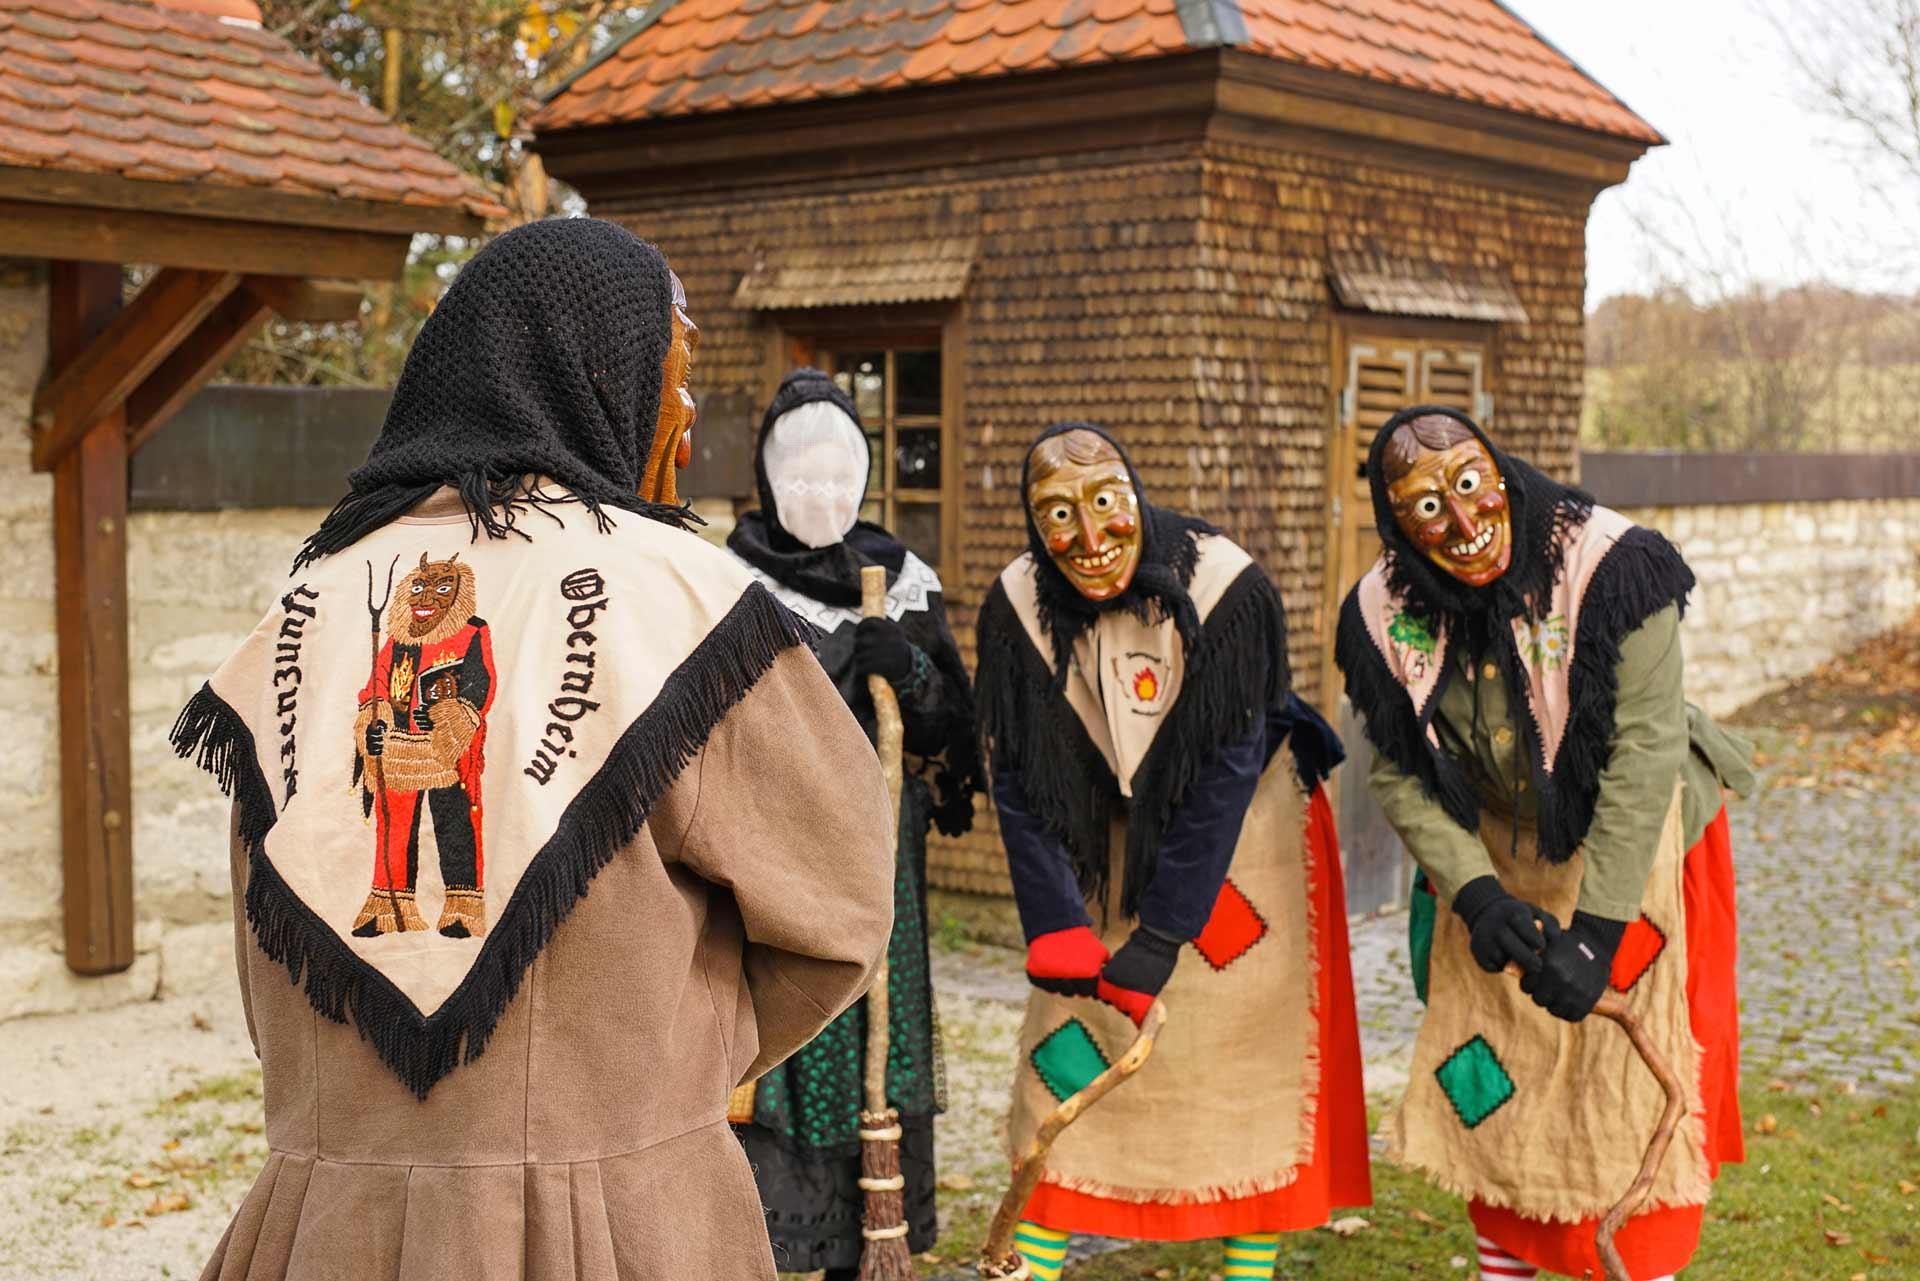 Hexengruppe mit Schultertuch